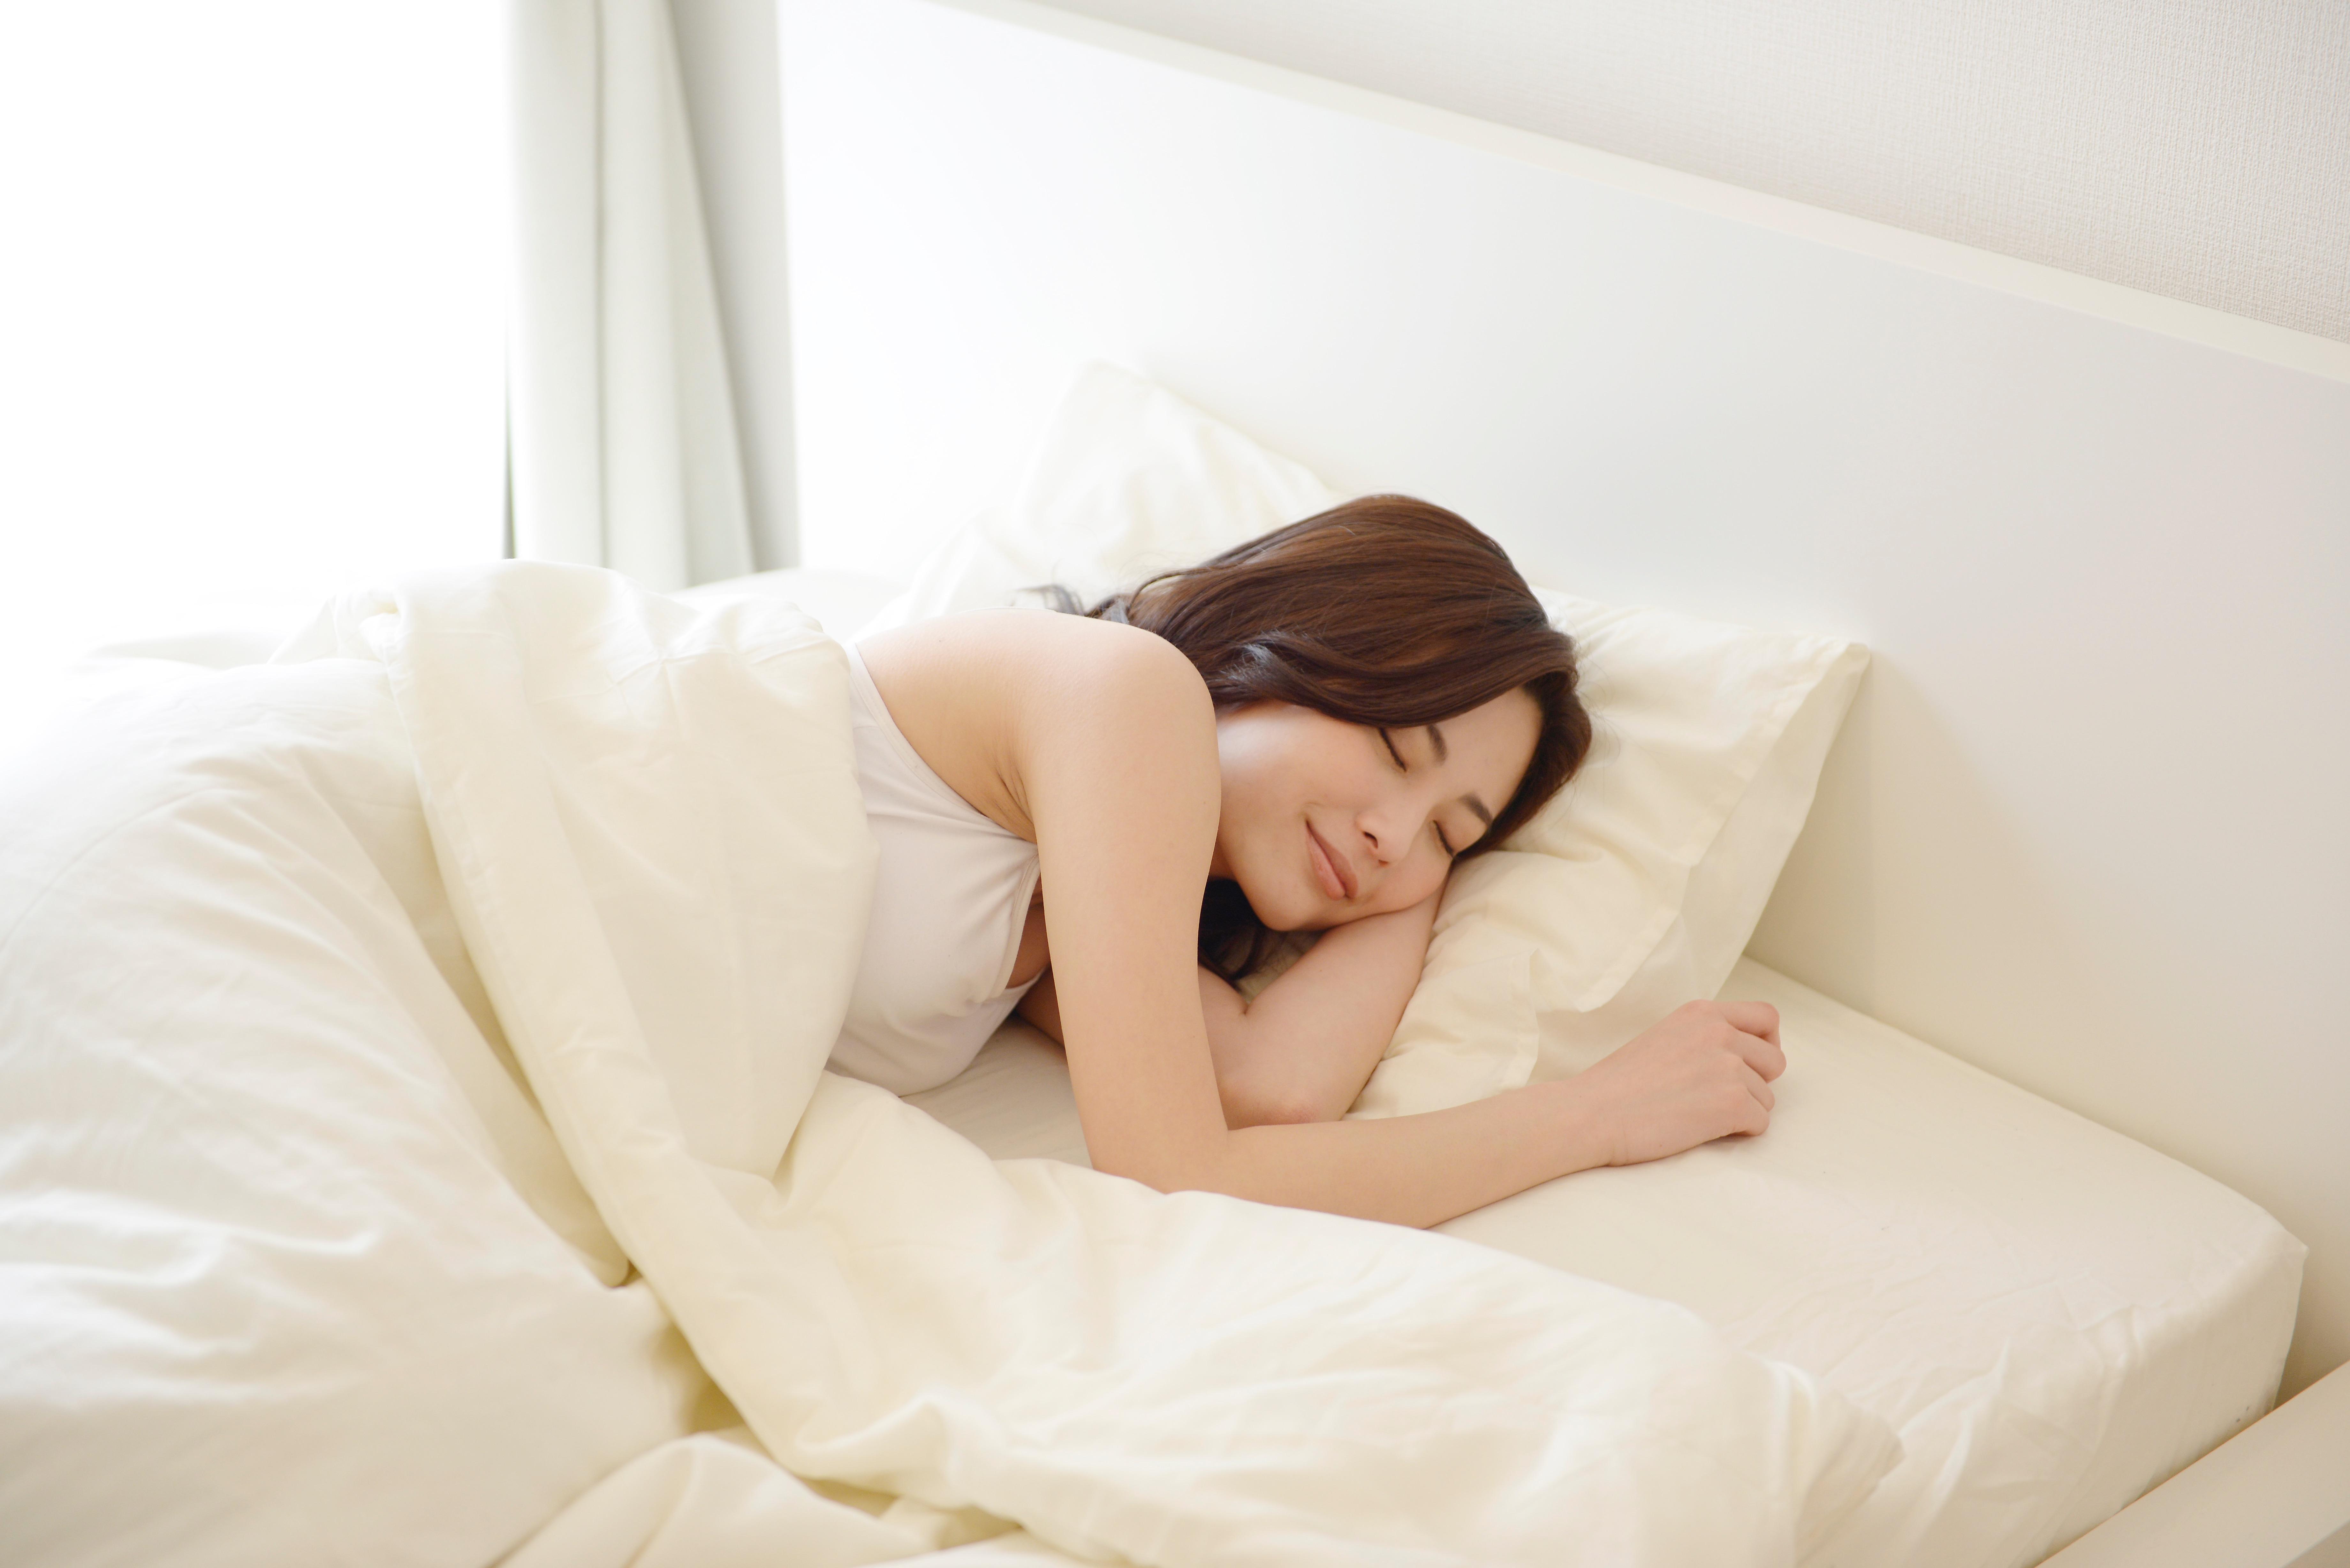 ヘルスデザインラボは不眠や産後うつで悩む方のサポートをしています